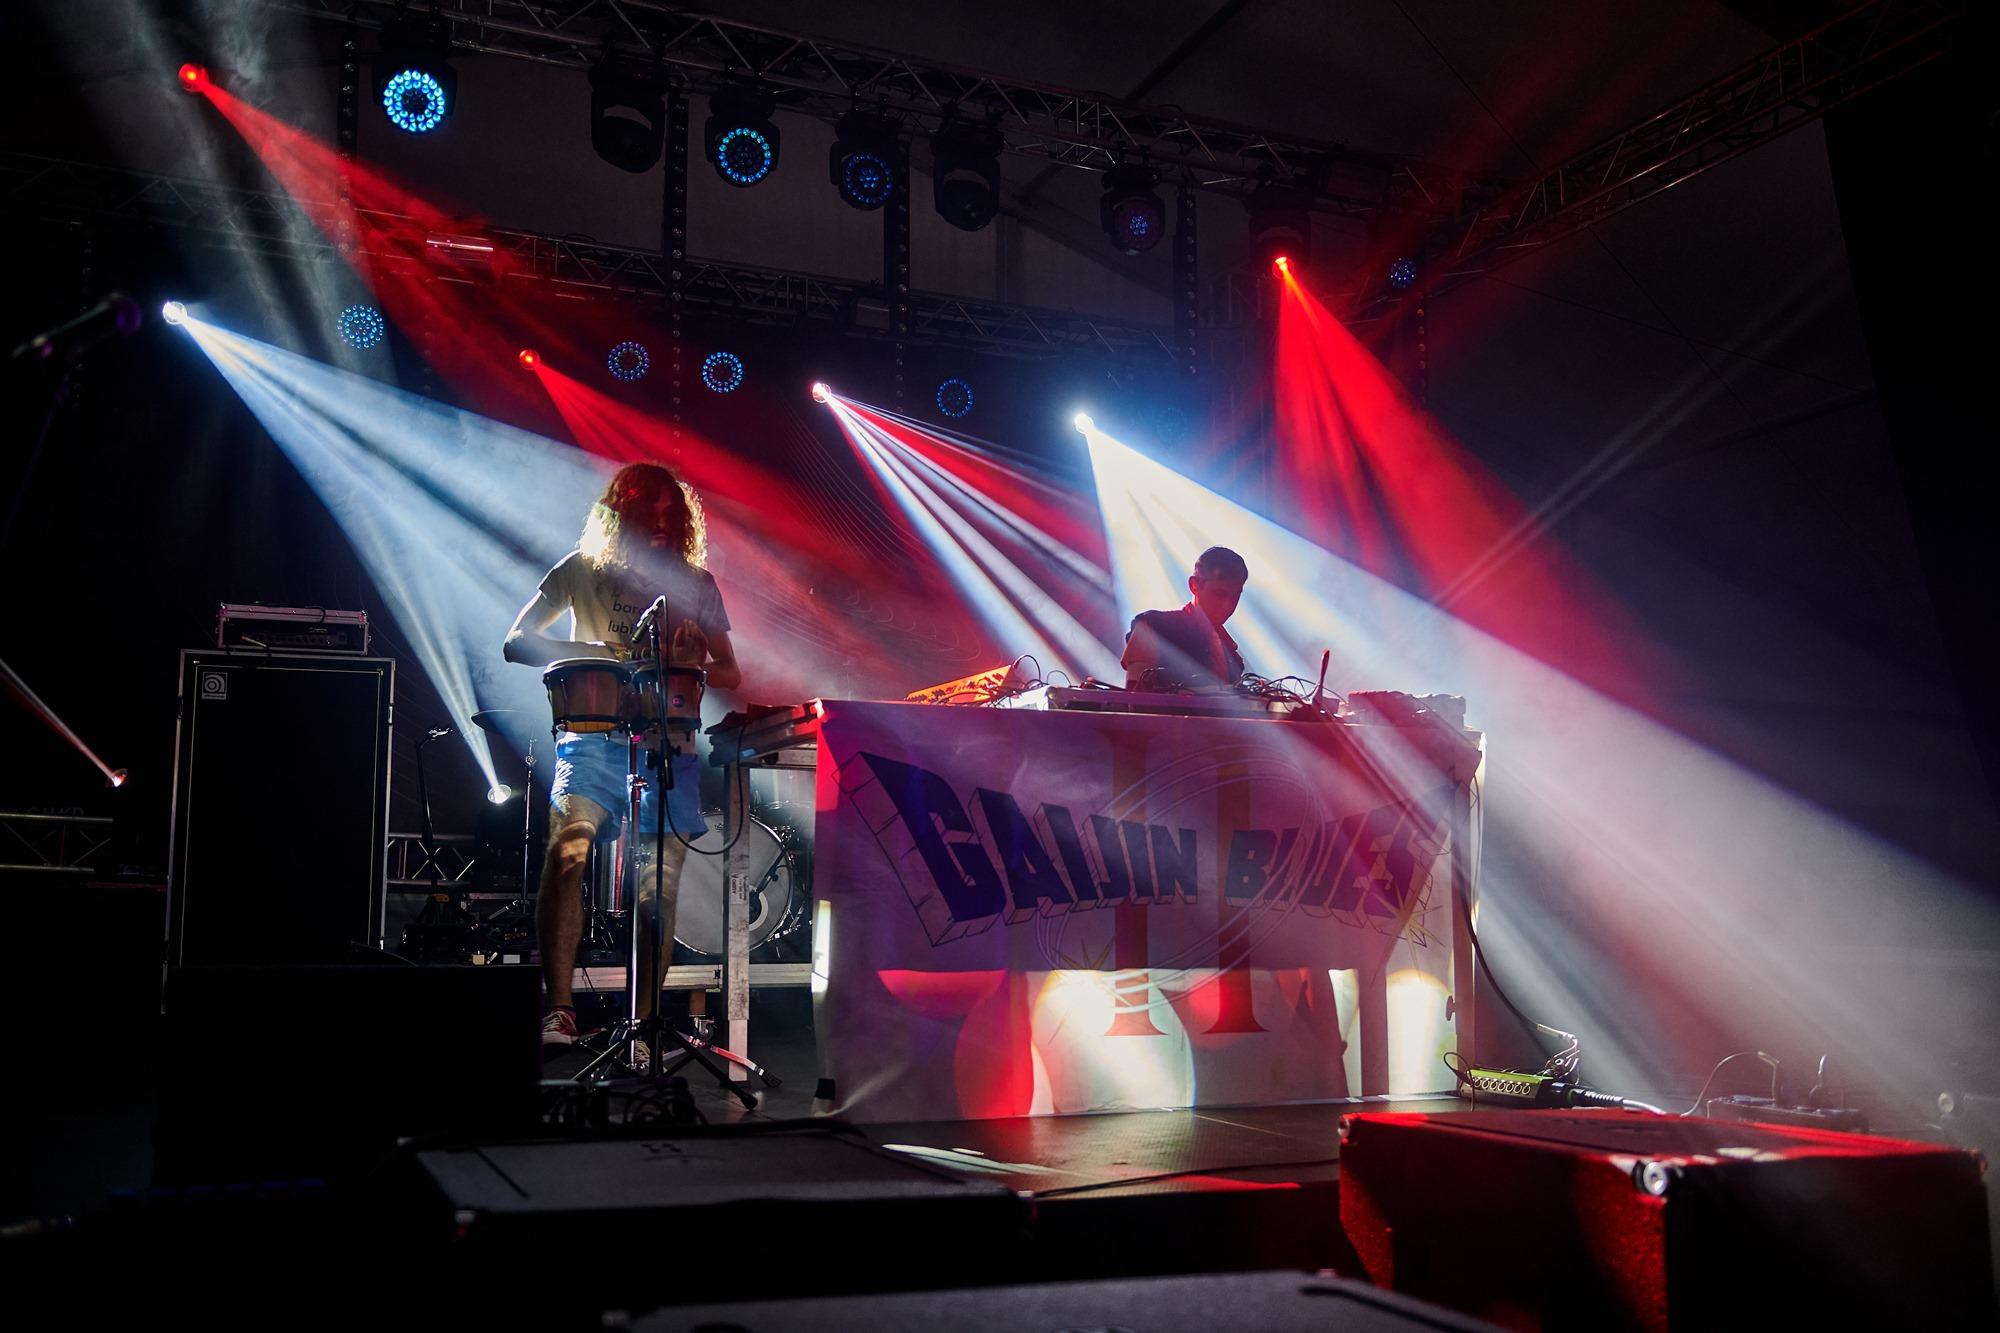 [Zdjęcie z koncertu przedstawia elektroniczny duet Gaijin Blues. Mężczyzna w długich włosach z lewej strony gra na bębnach. Mężczyzna z prawej strony tworzy dźwięki na mikserze.]